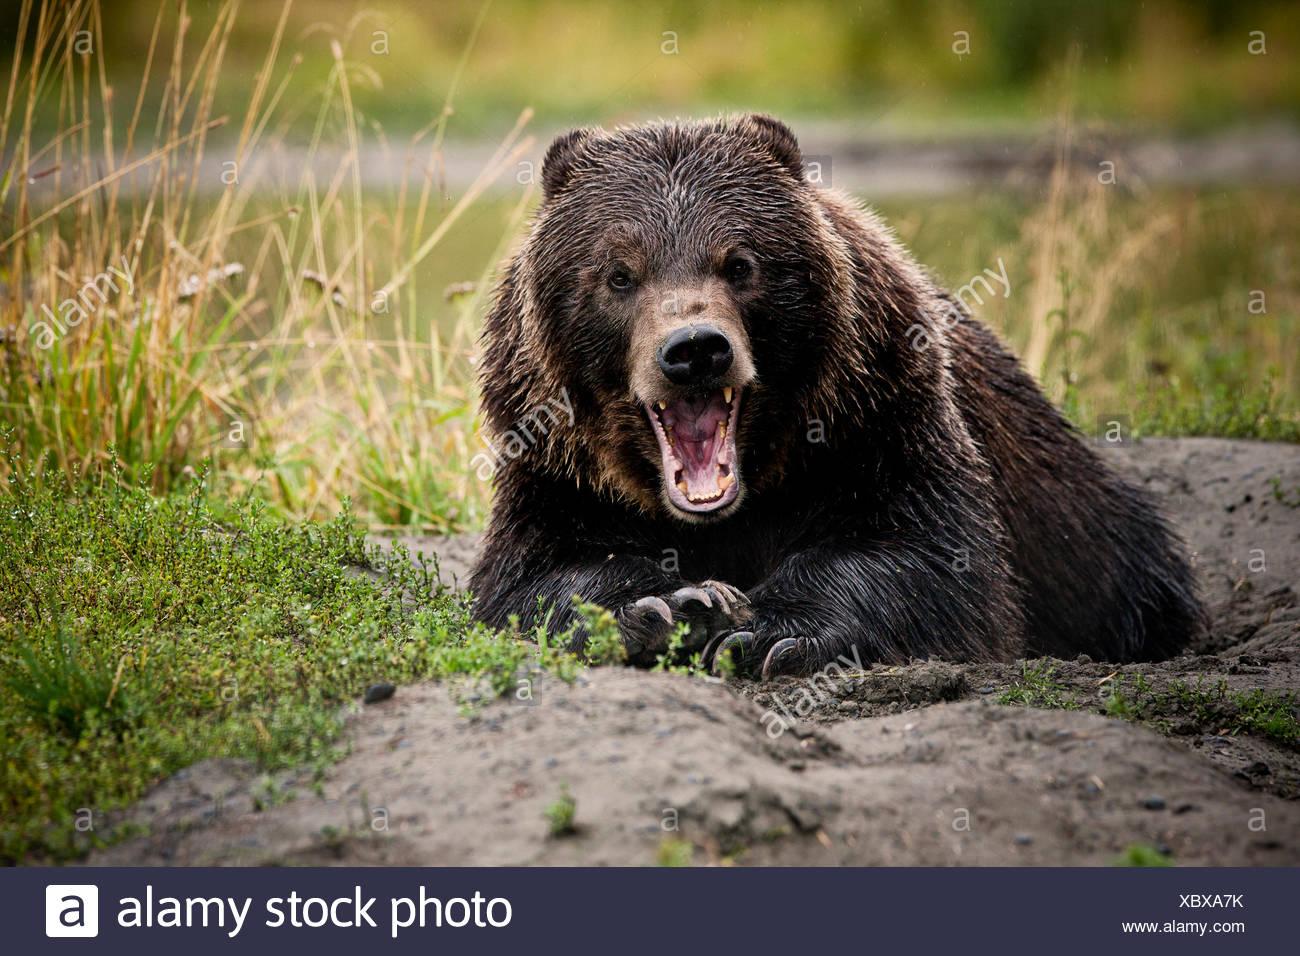 Oso grizzly (Ursus arctos horribilis) con amplias fauces abiertas, gesto amenazador, Valdez, Alaska, Estados Unidos Imagen De Stock